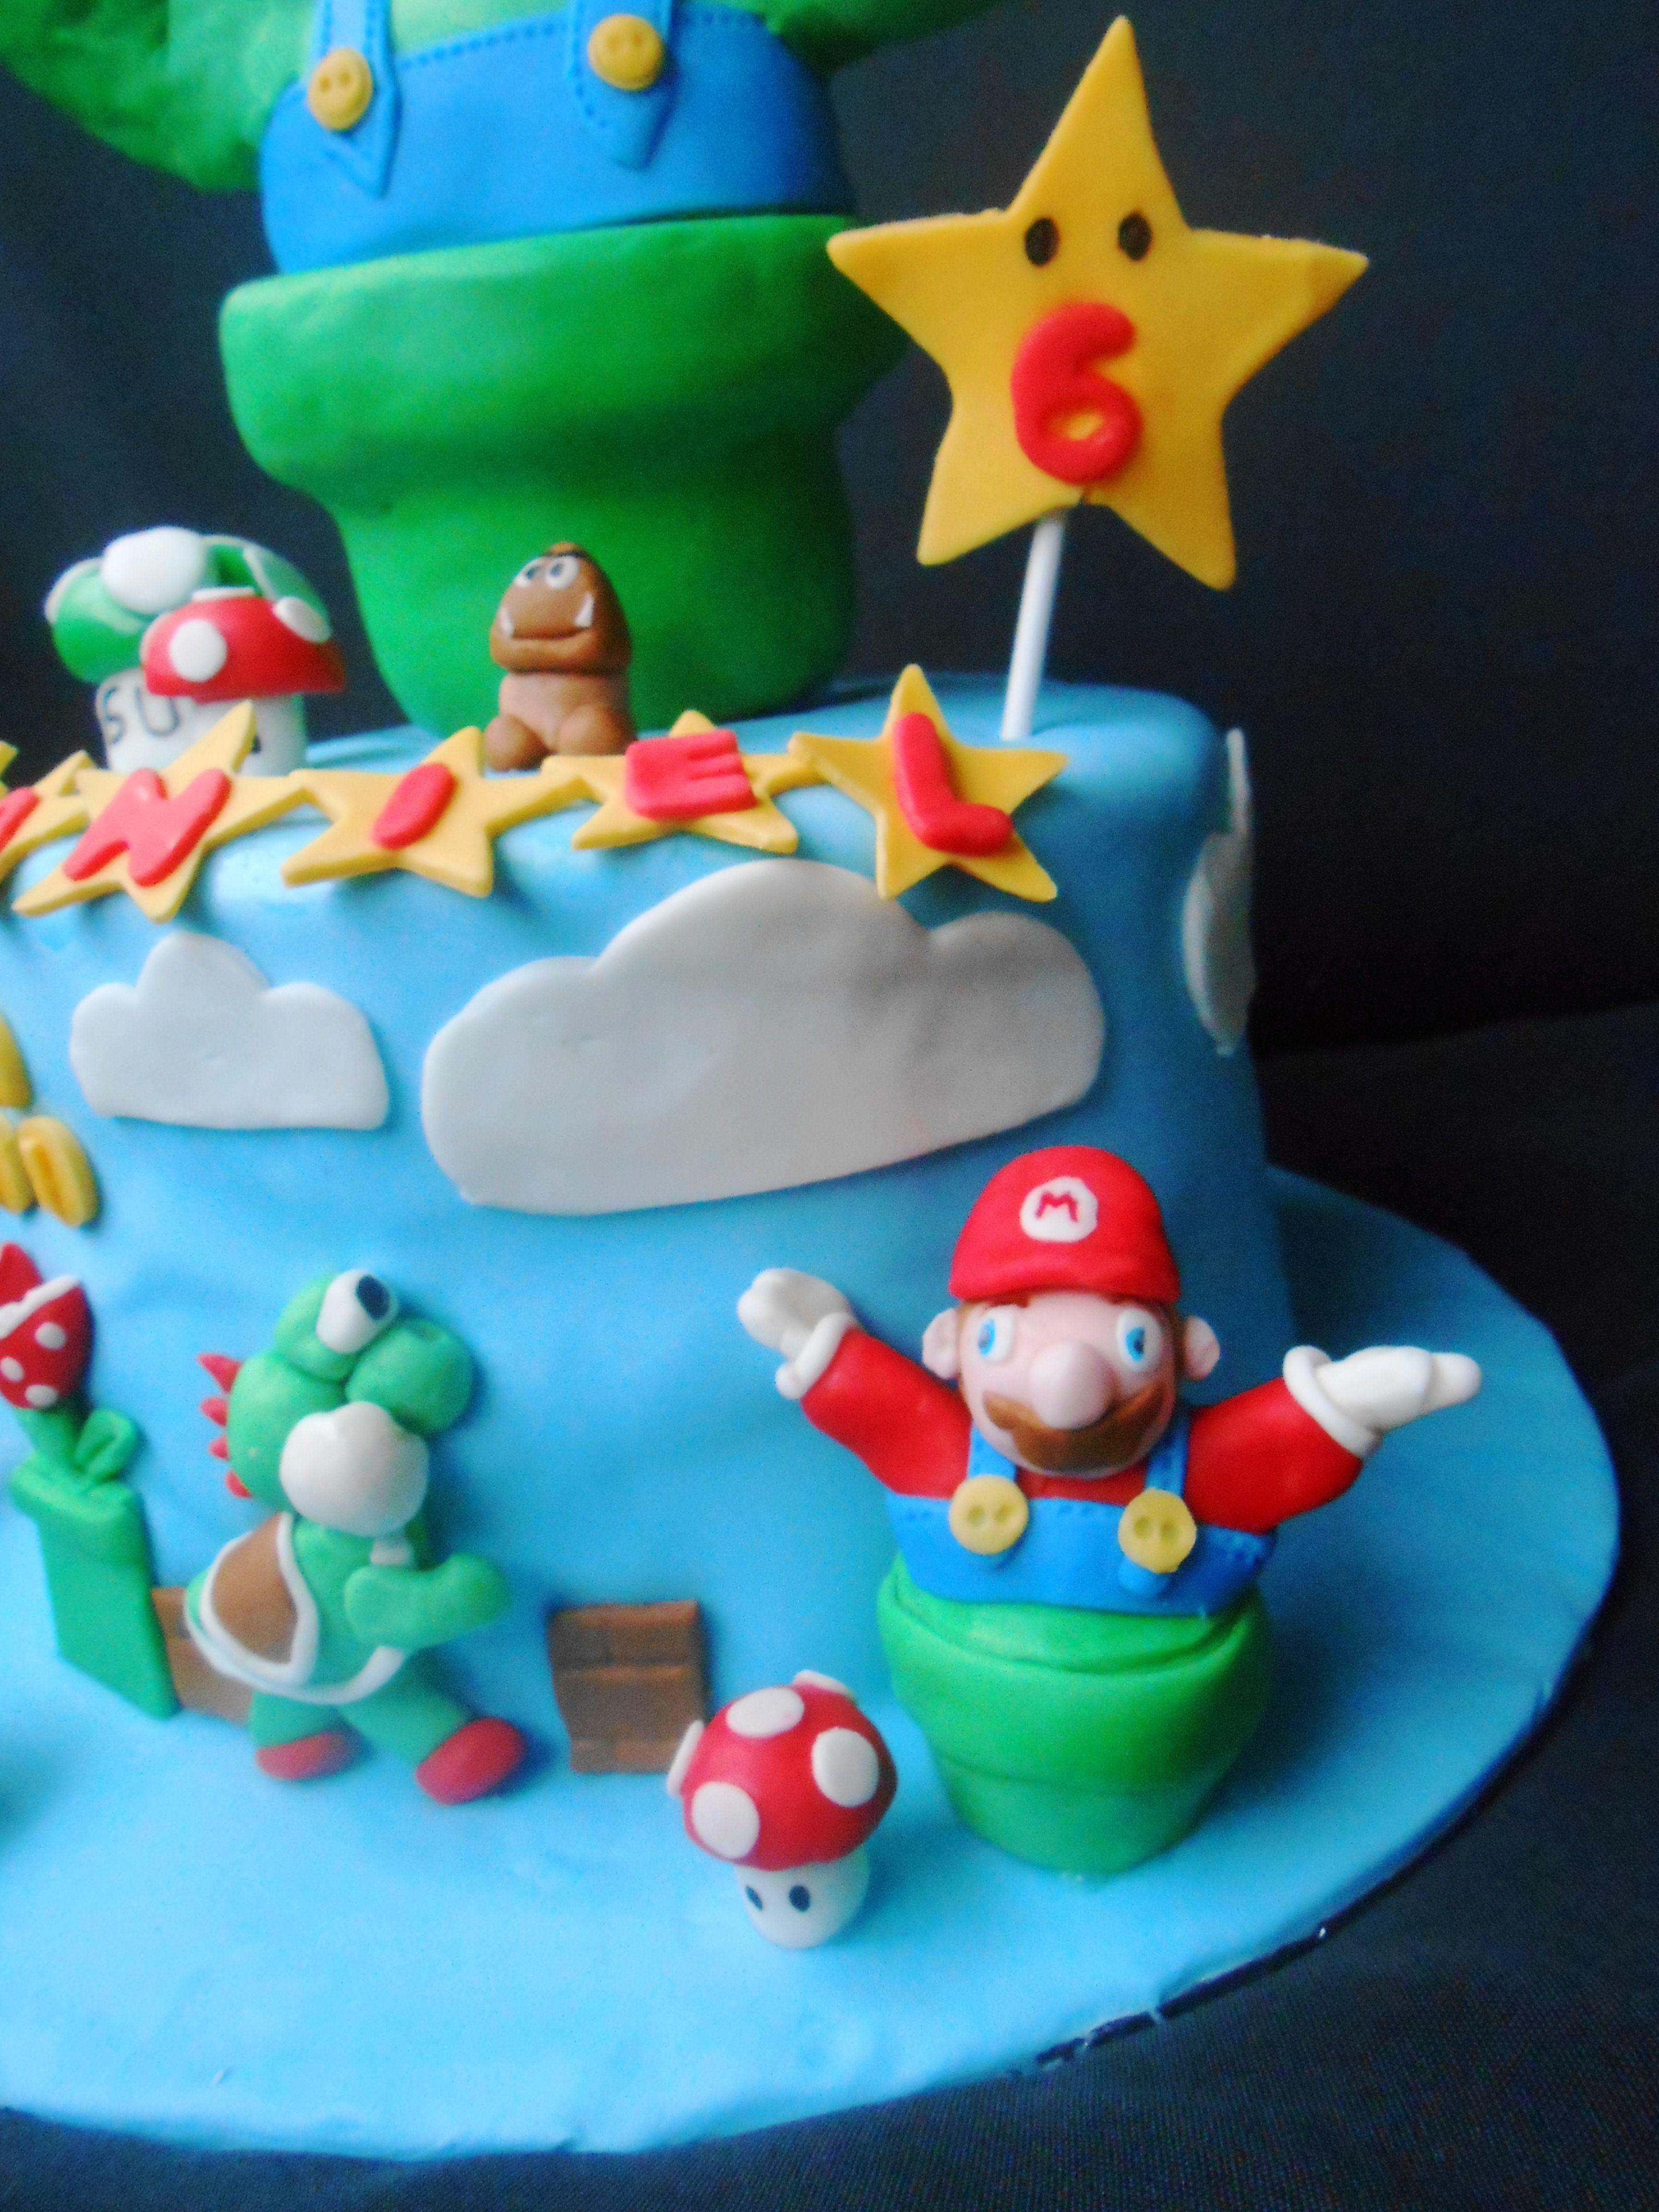 Mario And Luigi Cake Ideas And Designs